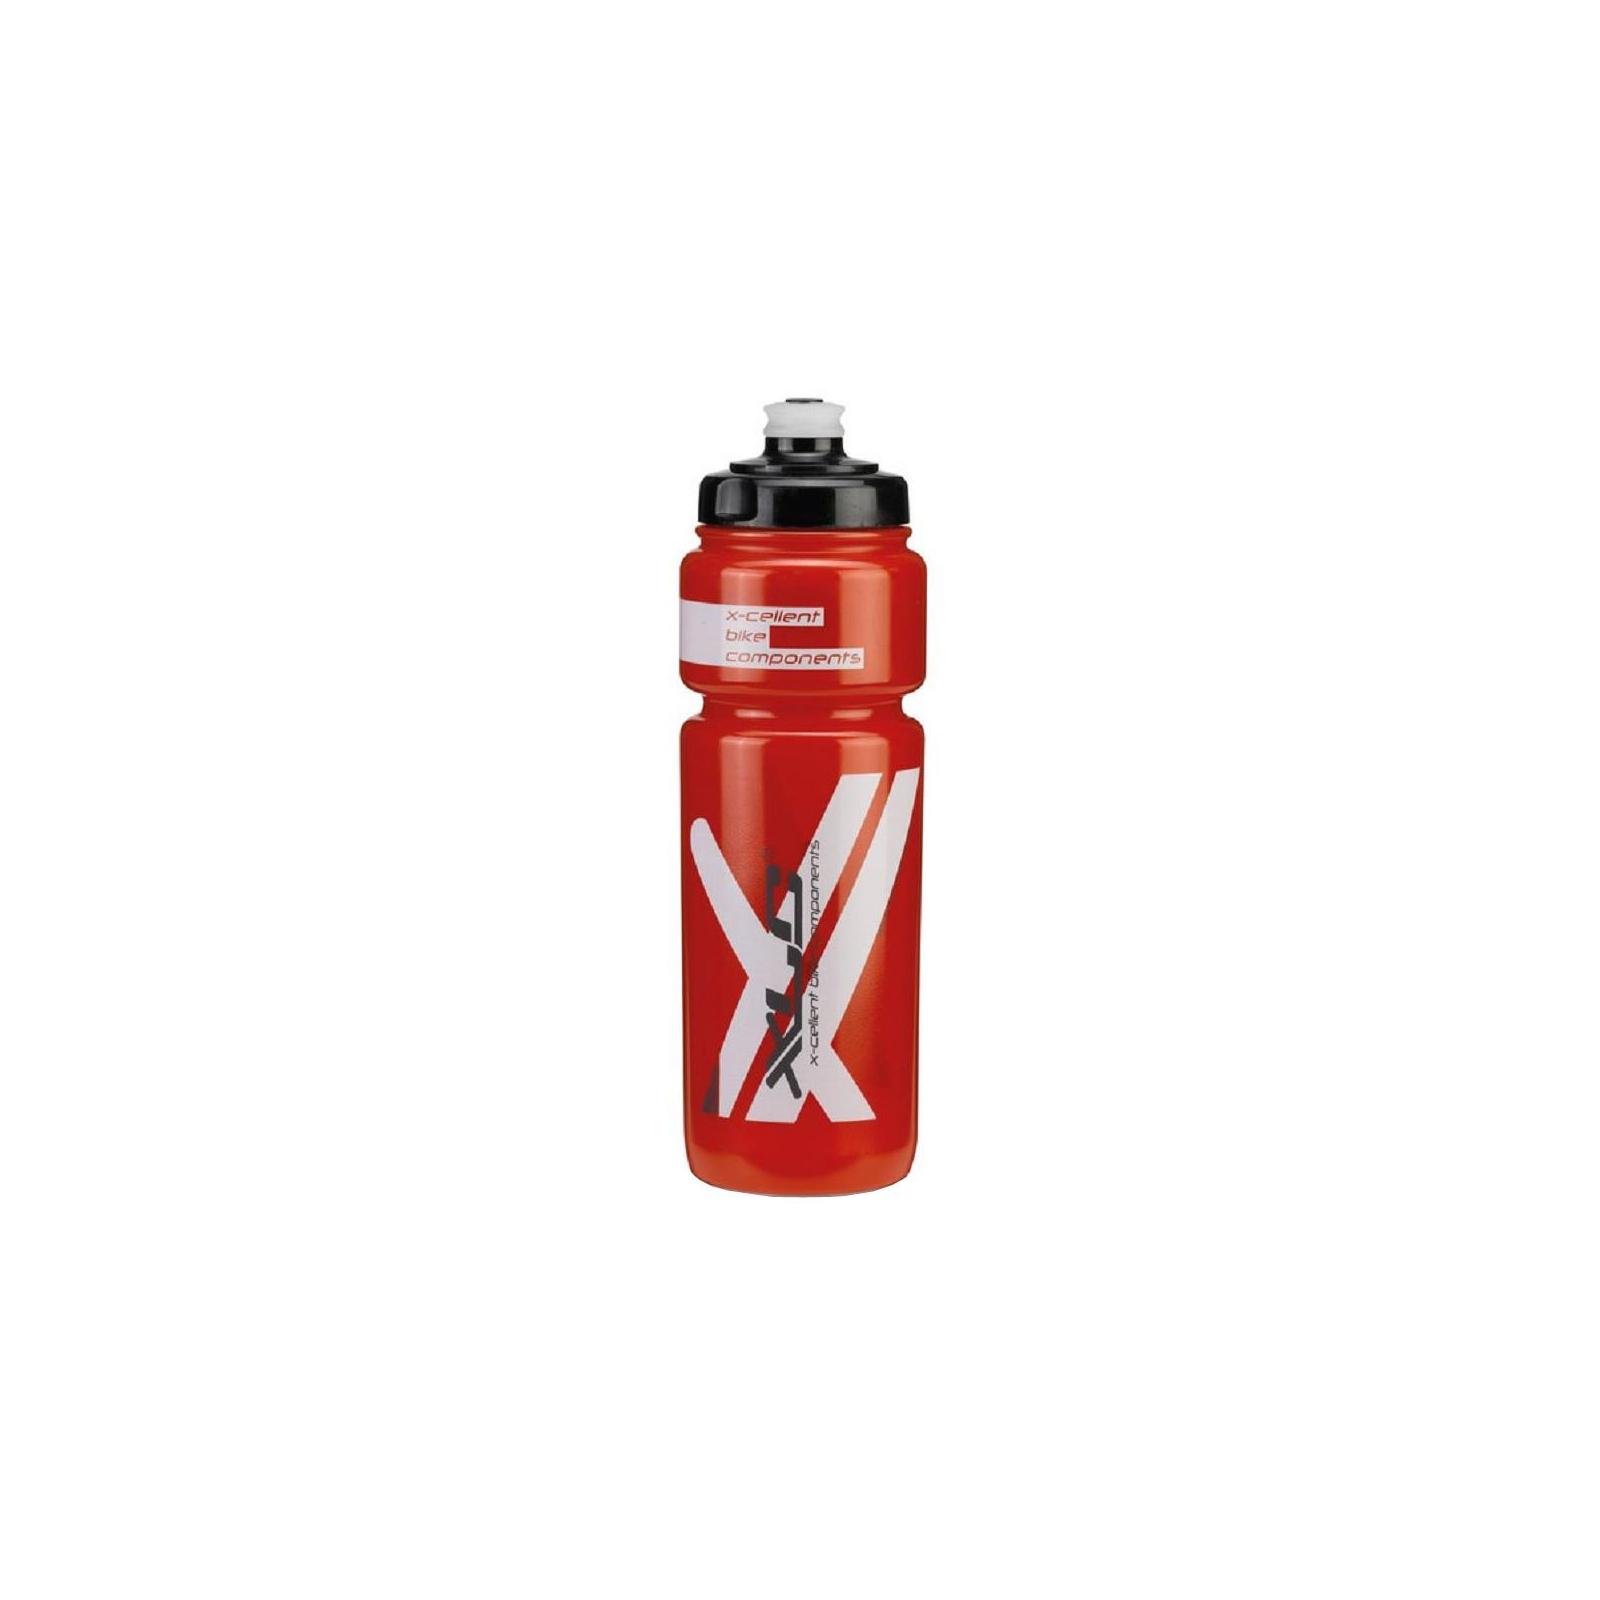 Фляга велосипедная XLC WB-K03, 500 мл, красная (2503231900)